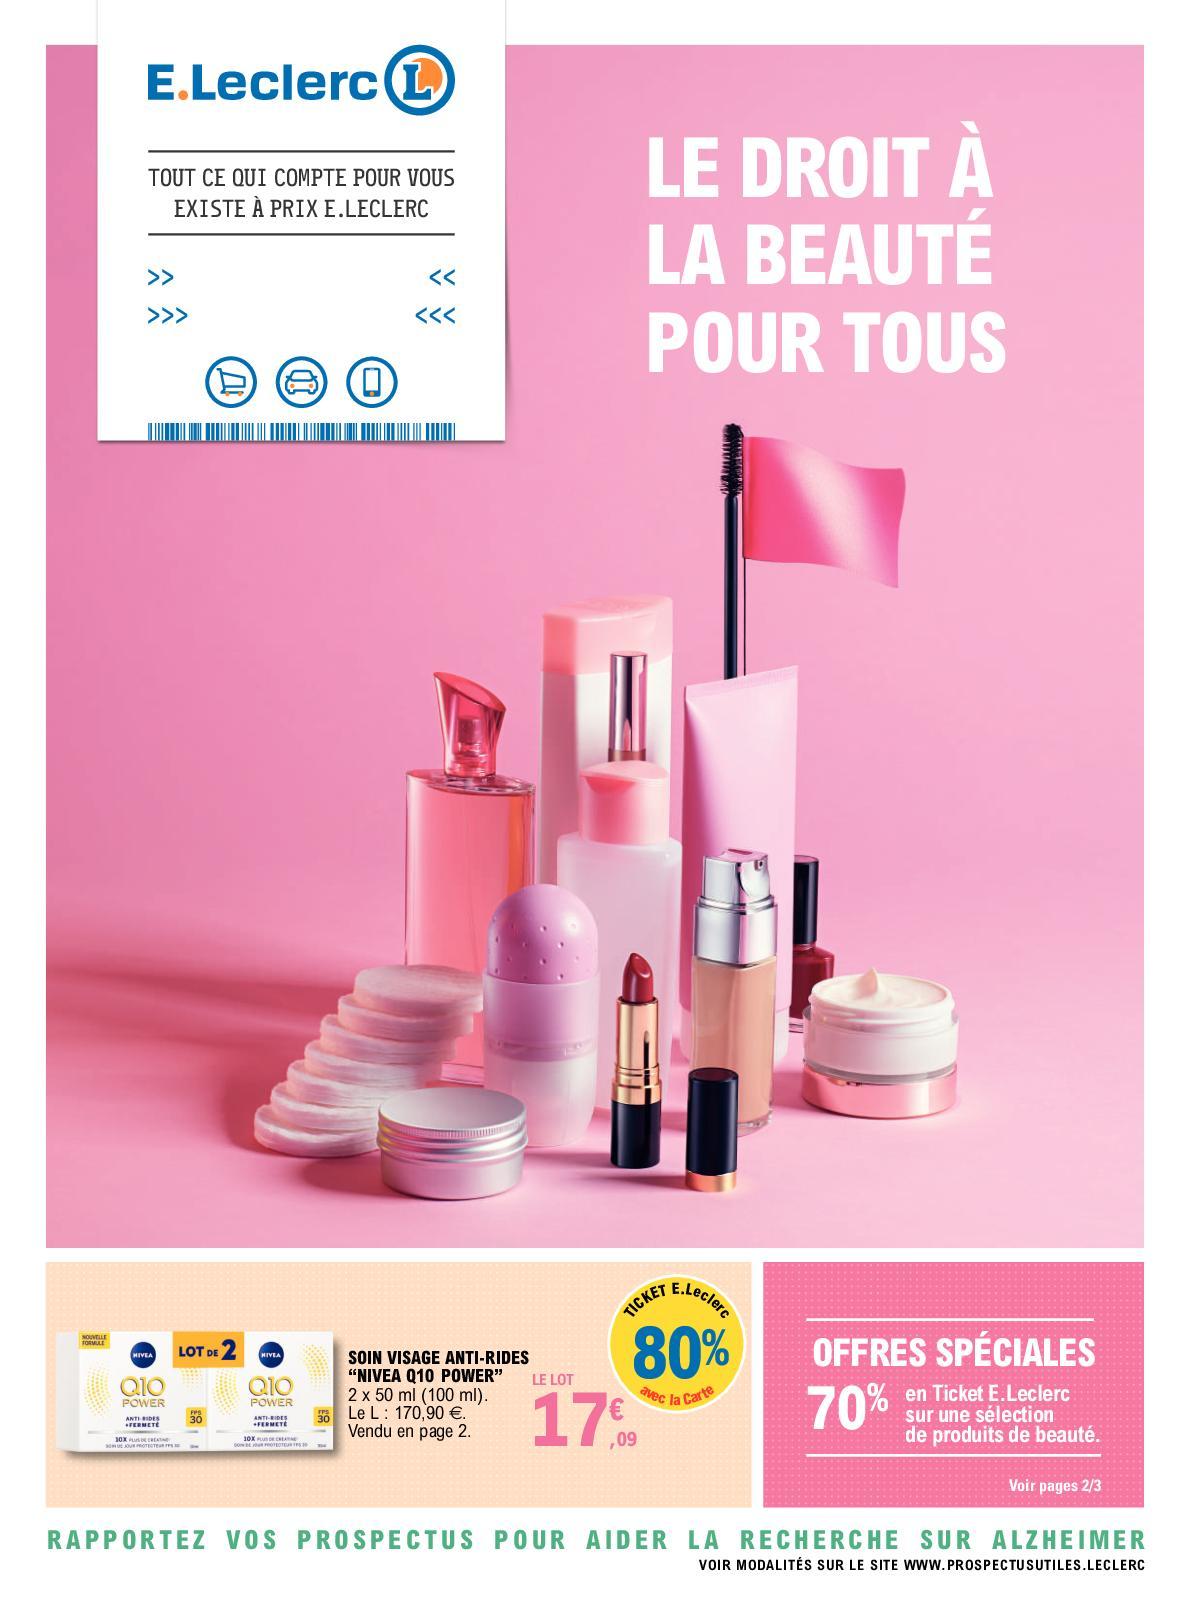 Bain De soleil Plastique Blanc Leclerc Luxe Calaméo Catalogue Beauté Mai 2019 Of 39 Charmant Bain De soleil Plastique Blanc Leclerc